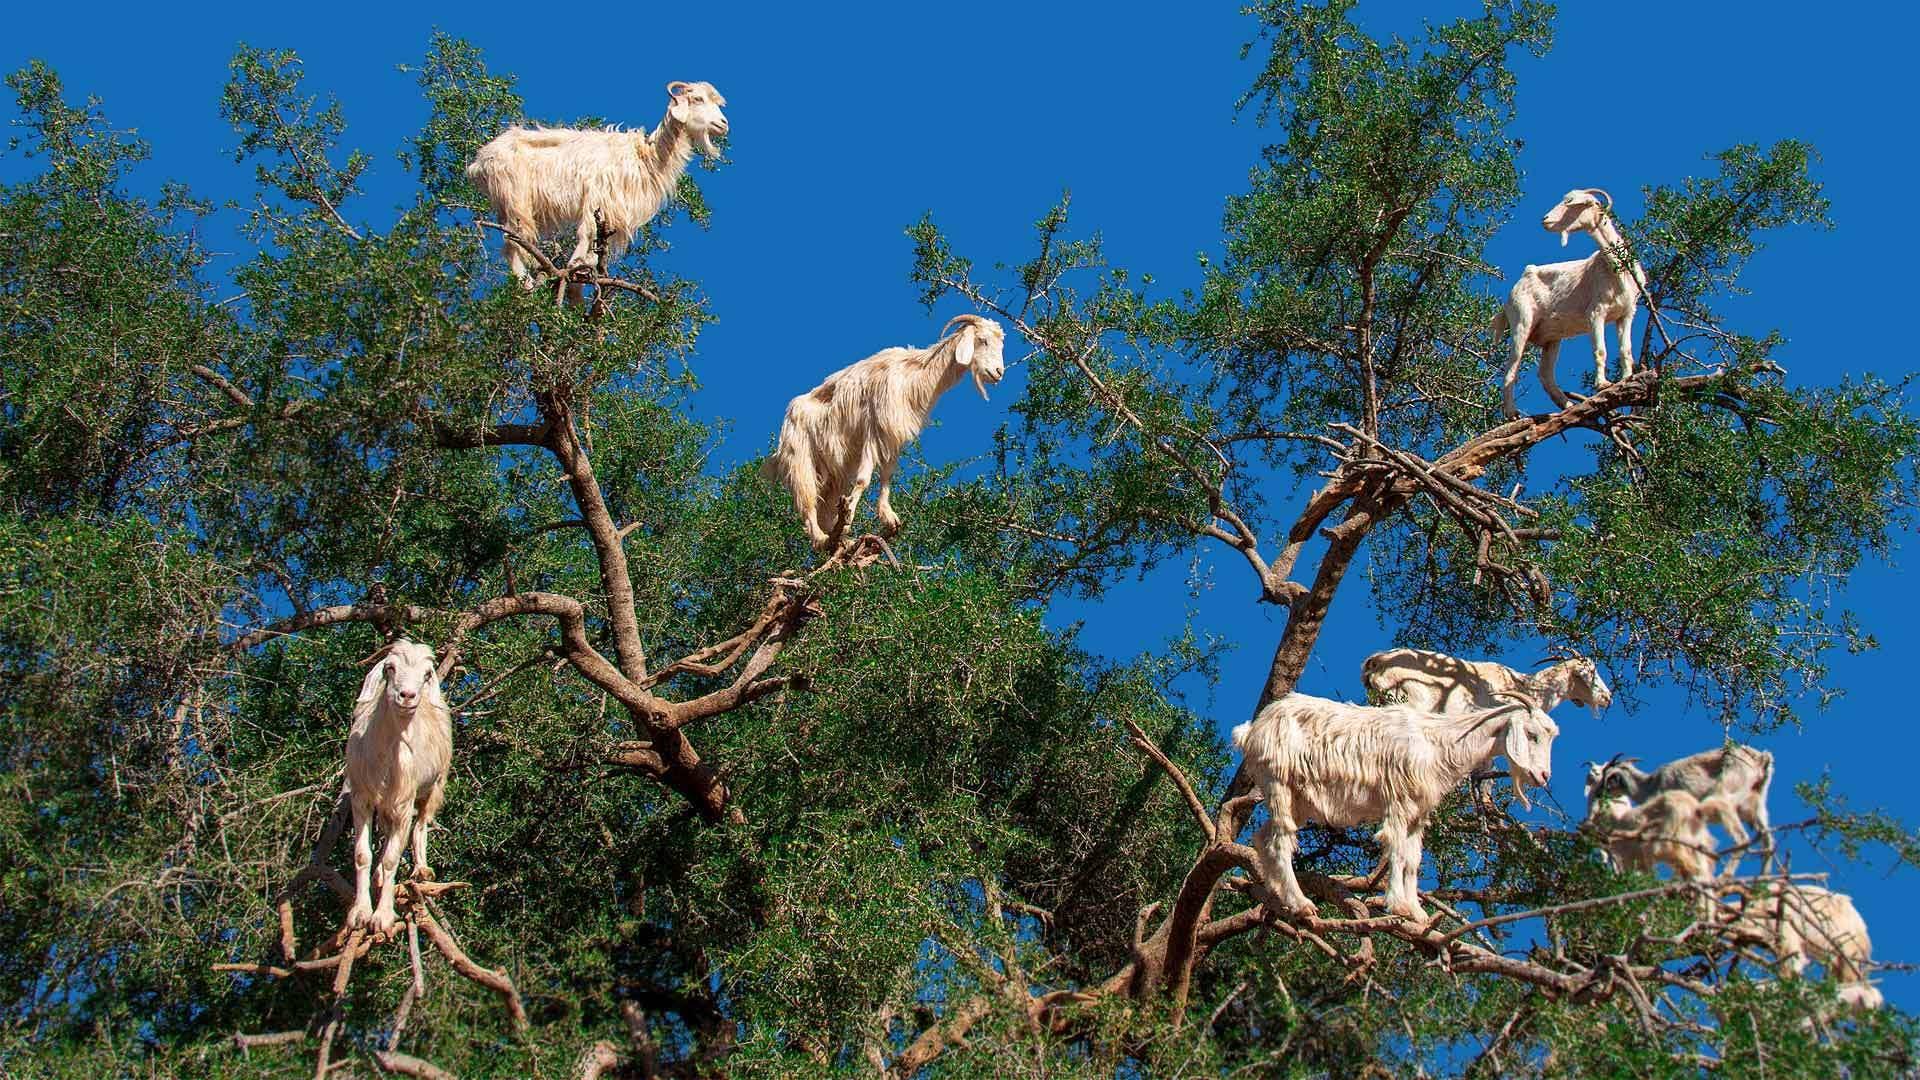 索维拉附近摩洛哥坚果树上的山羊索维拉